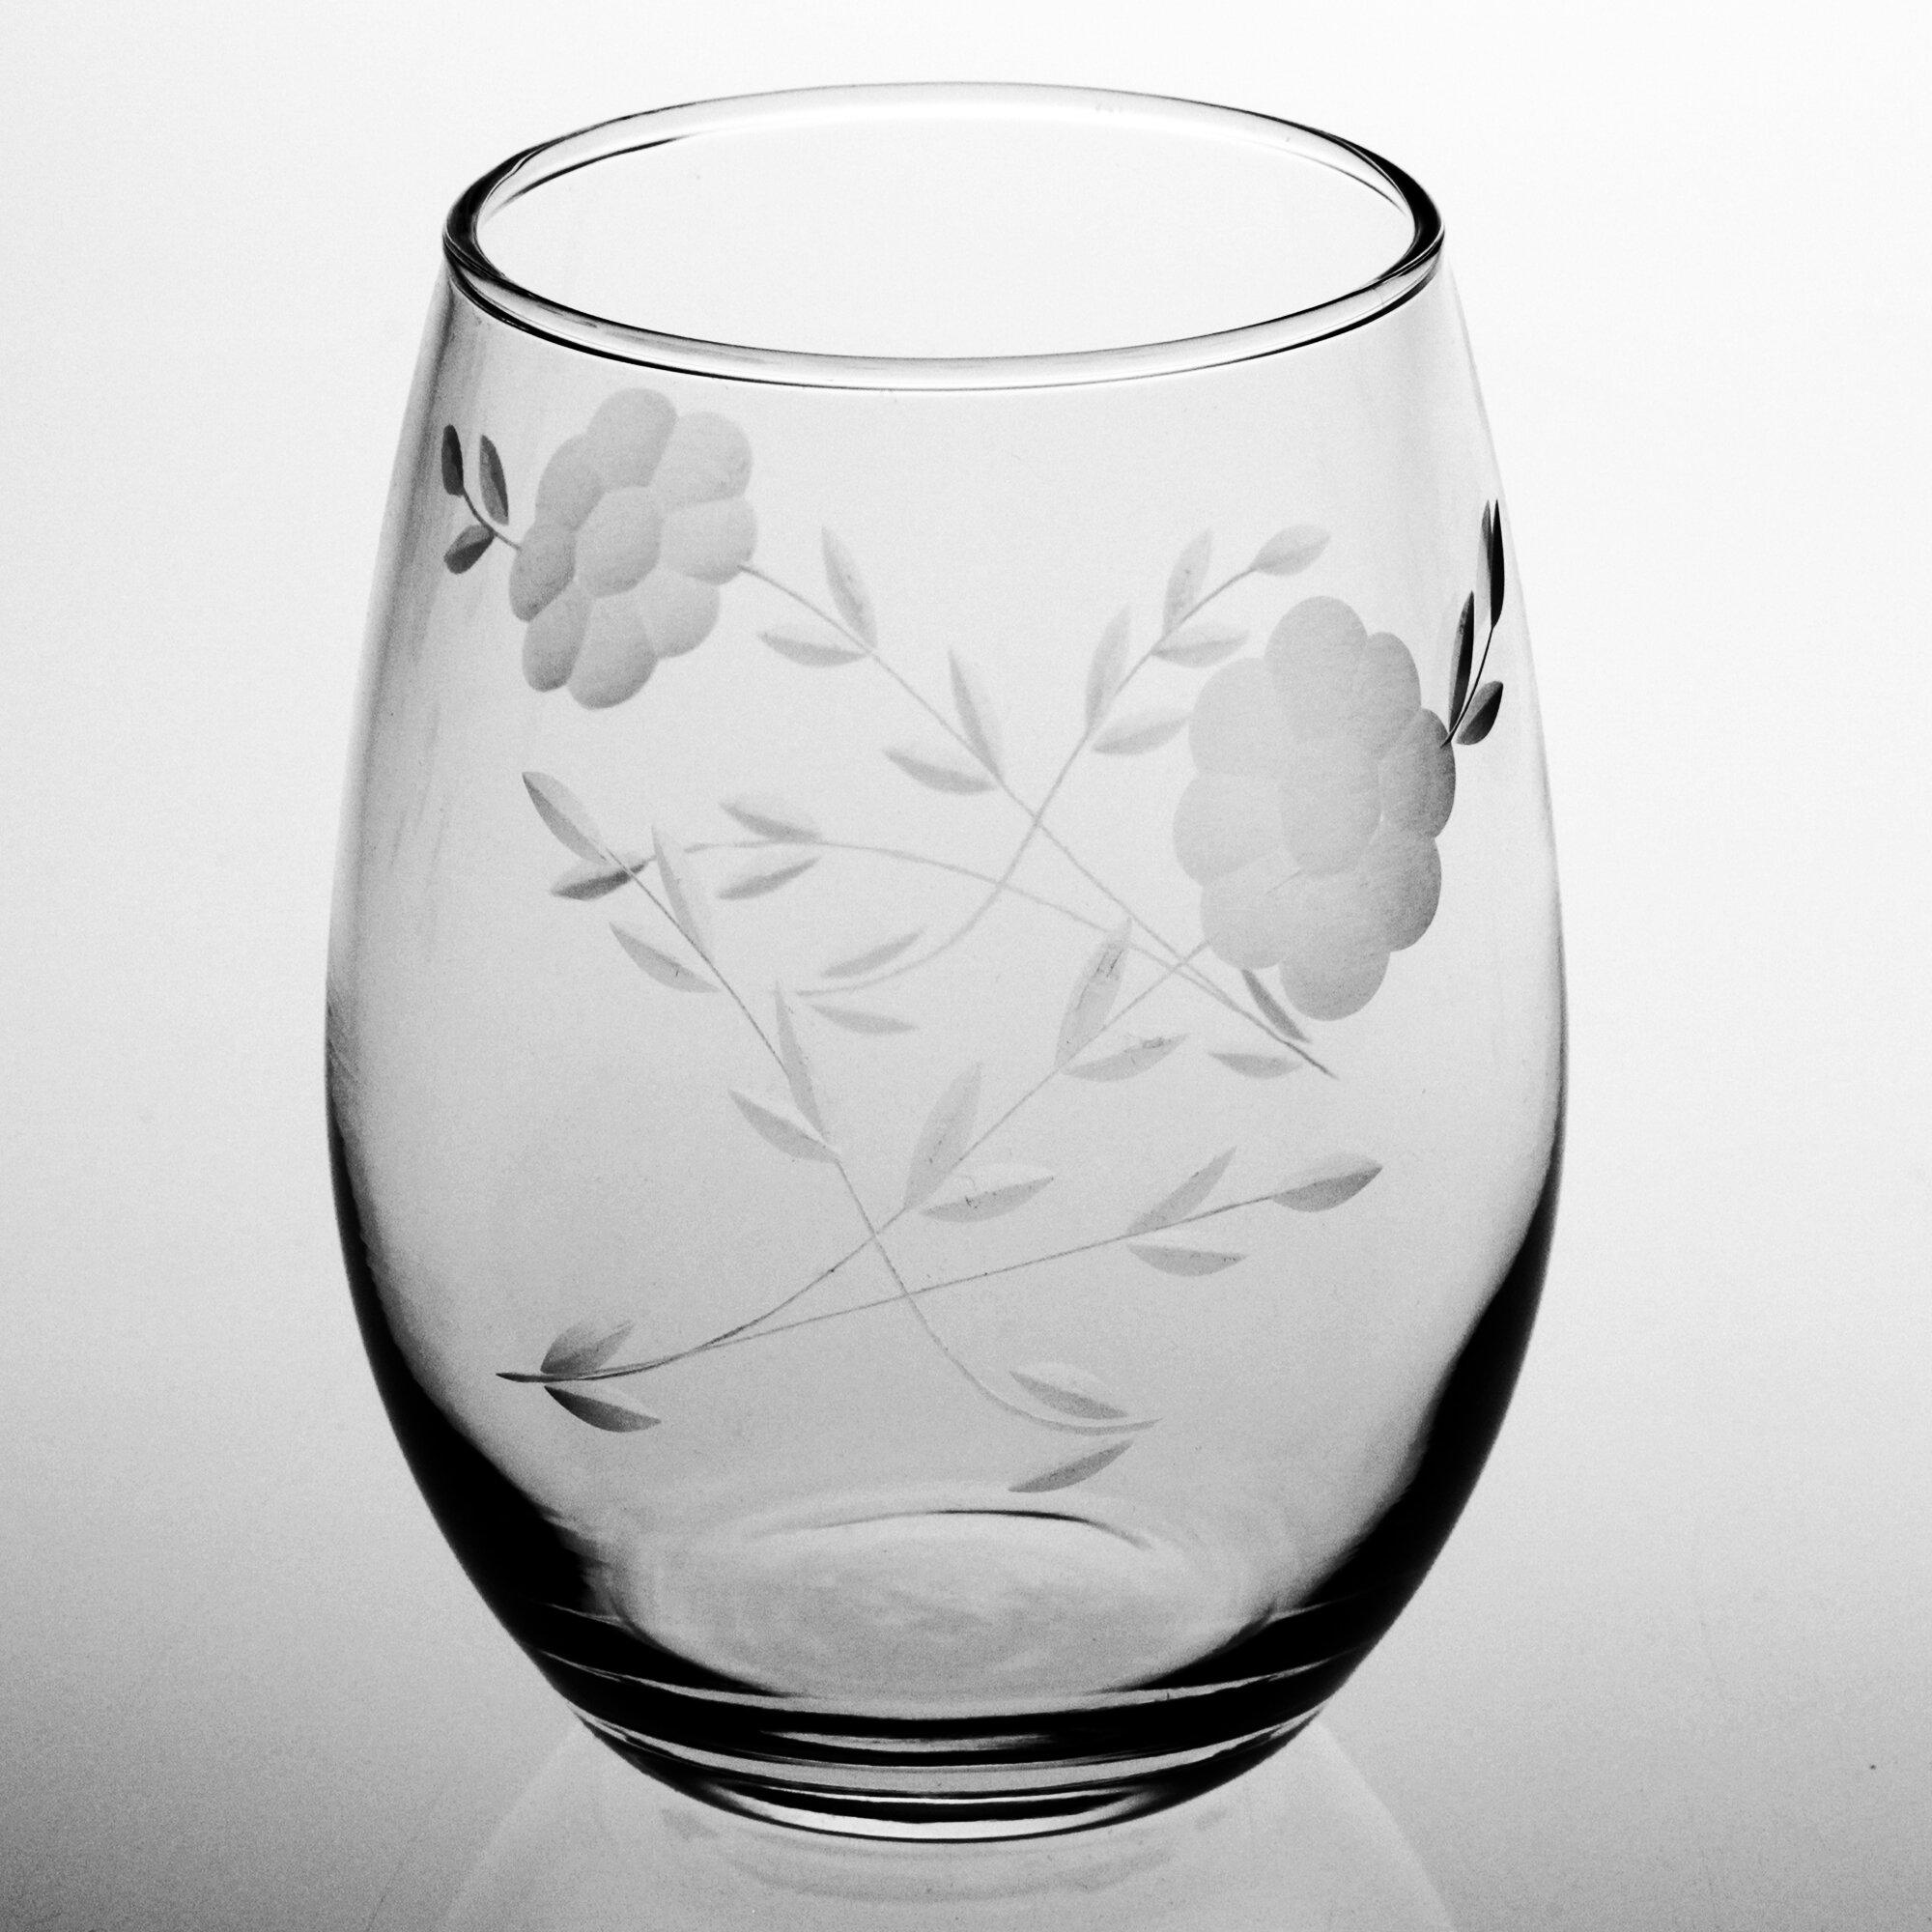 1fff2f9a833 Susquehanna Glass   Joss & Main